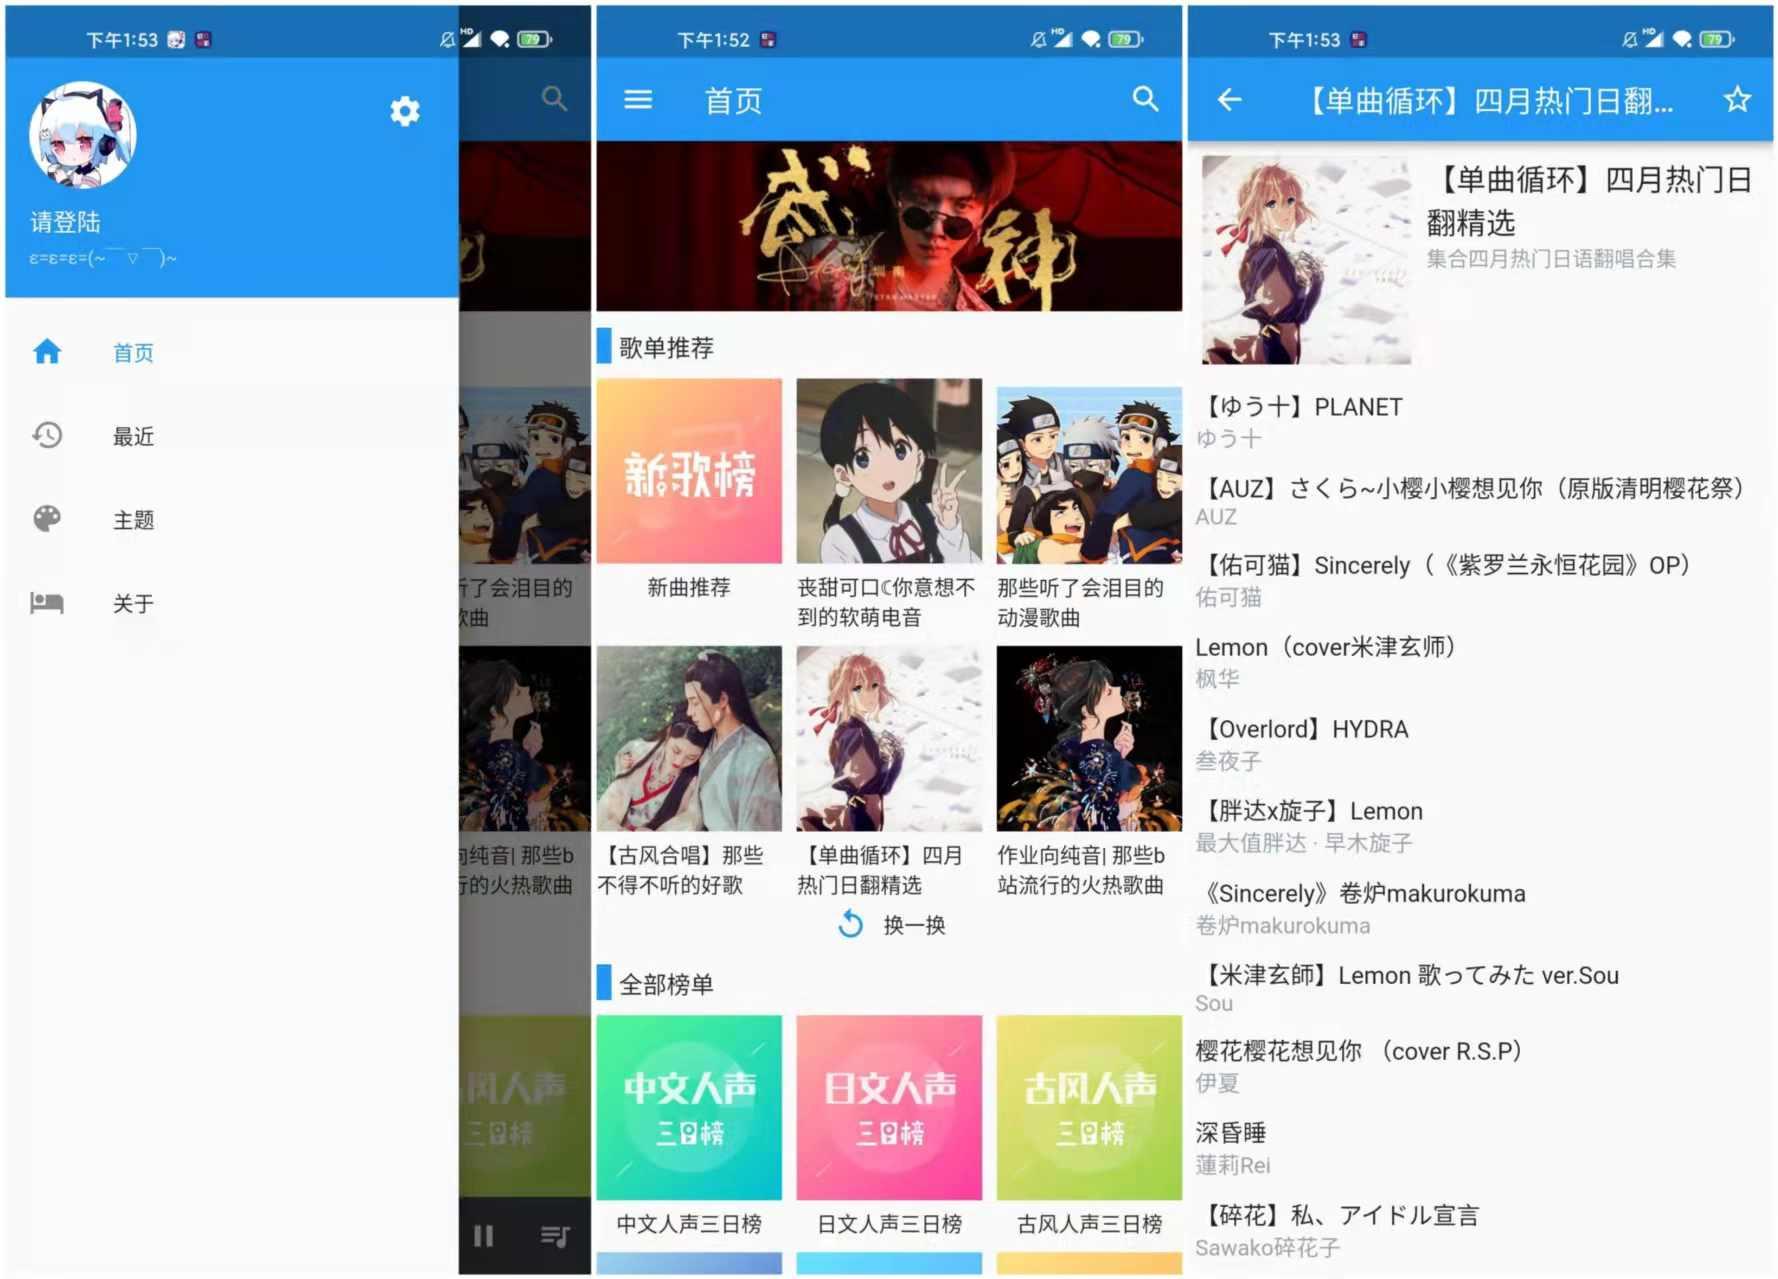 哩喵音乐 v0.1 一款专门提供B站音乐资源试听软件